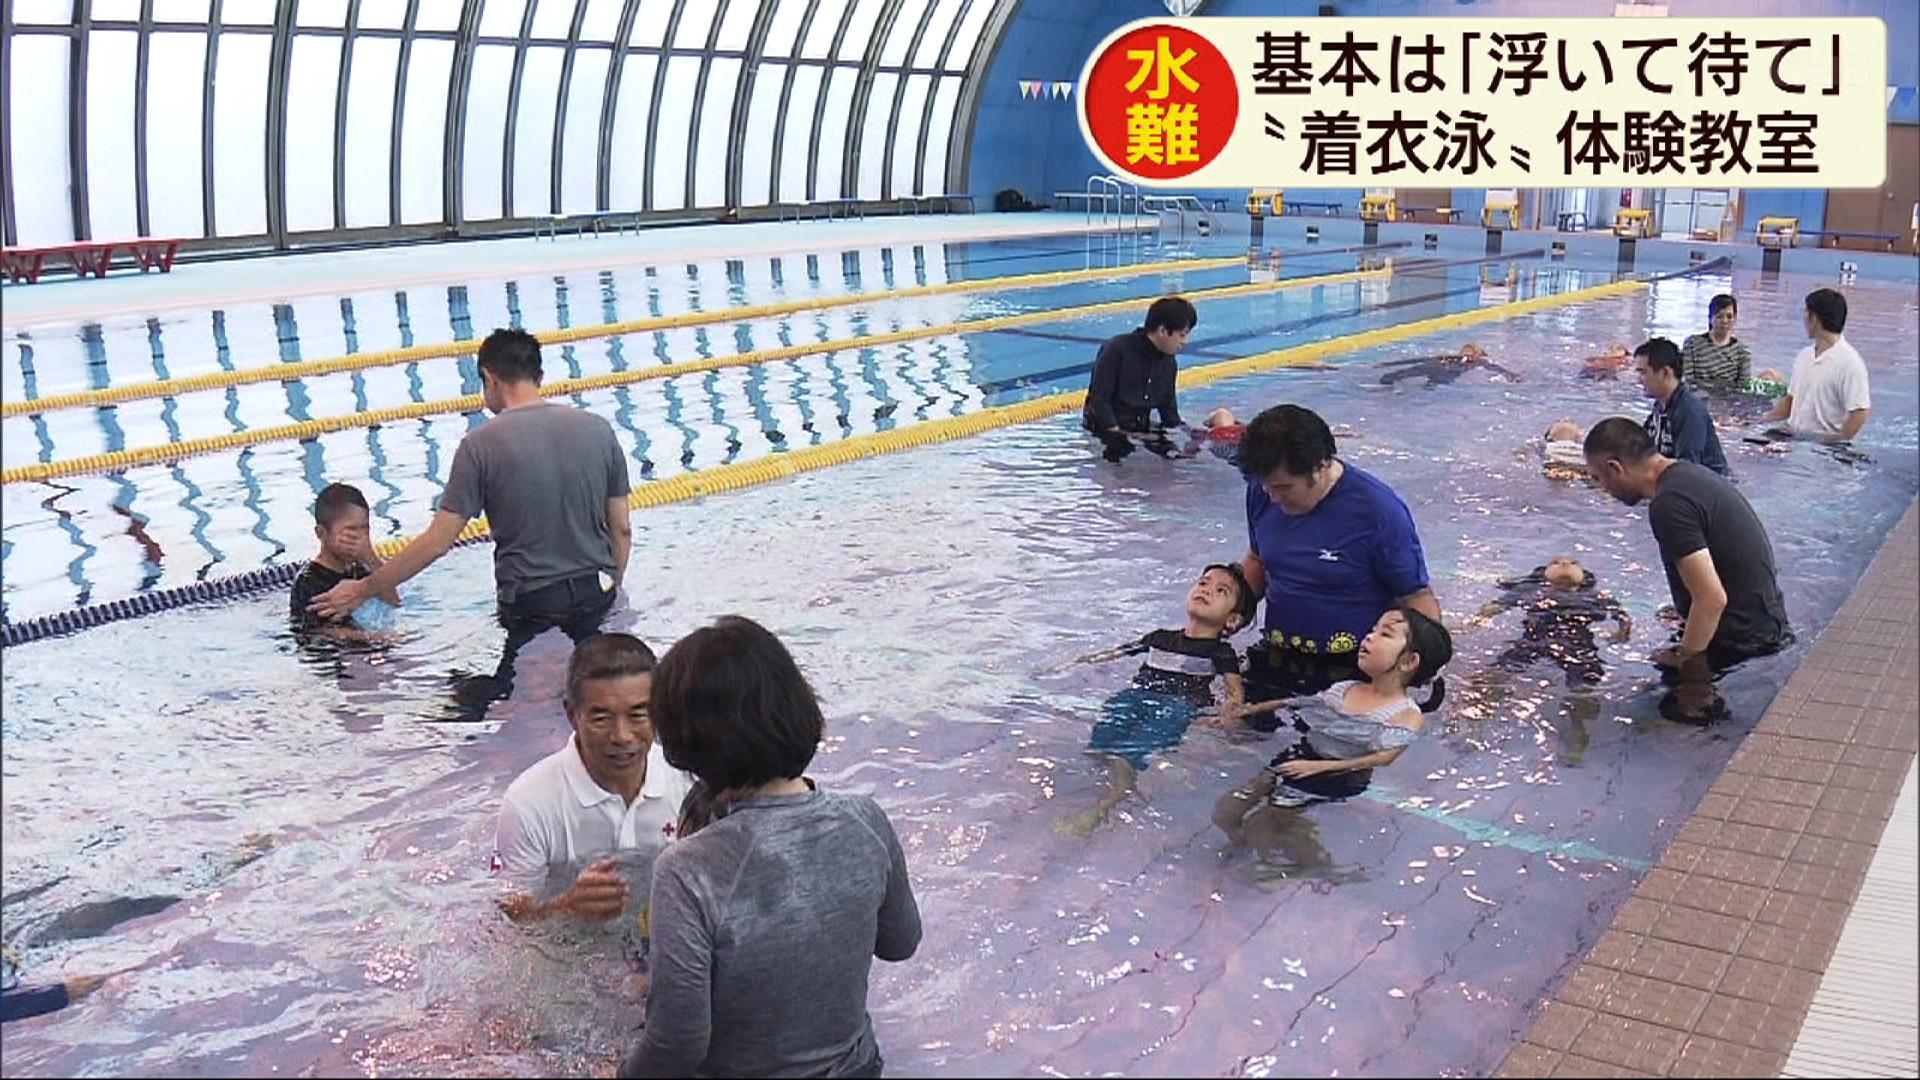 「浮いて待て」水難事故に備え着衣泳を体験